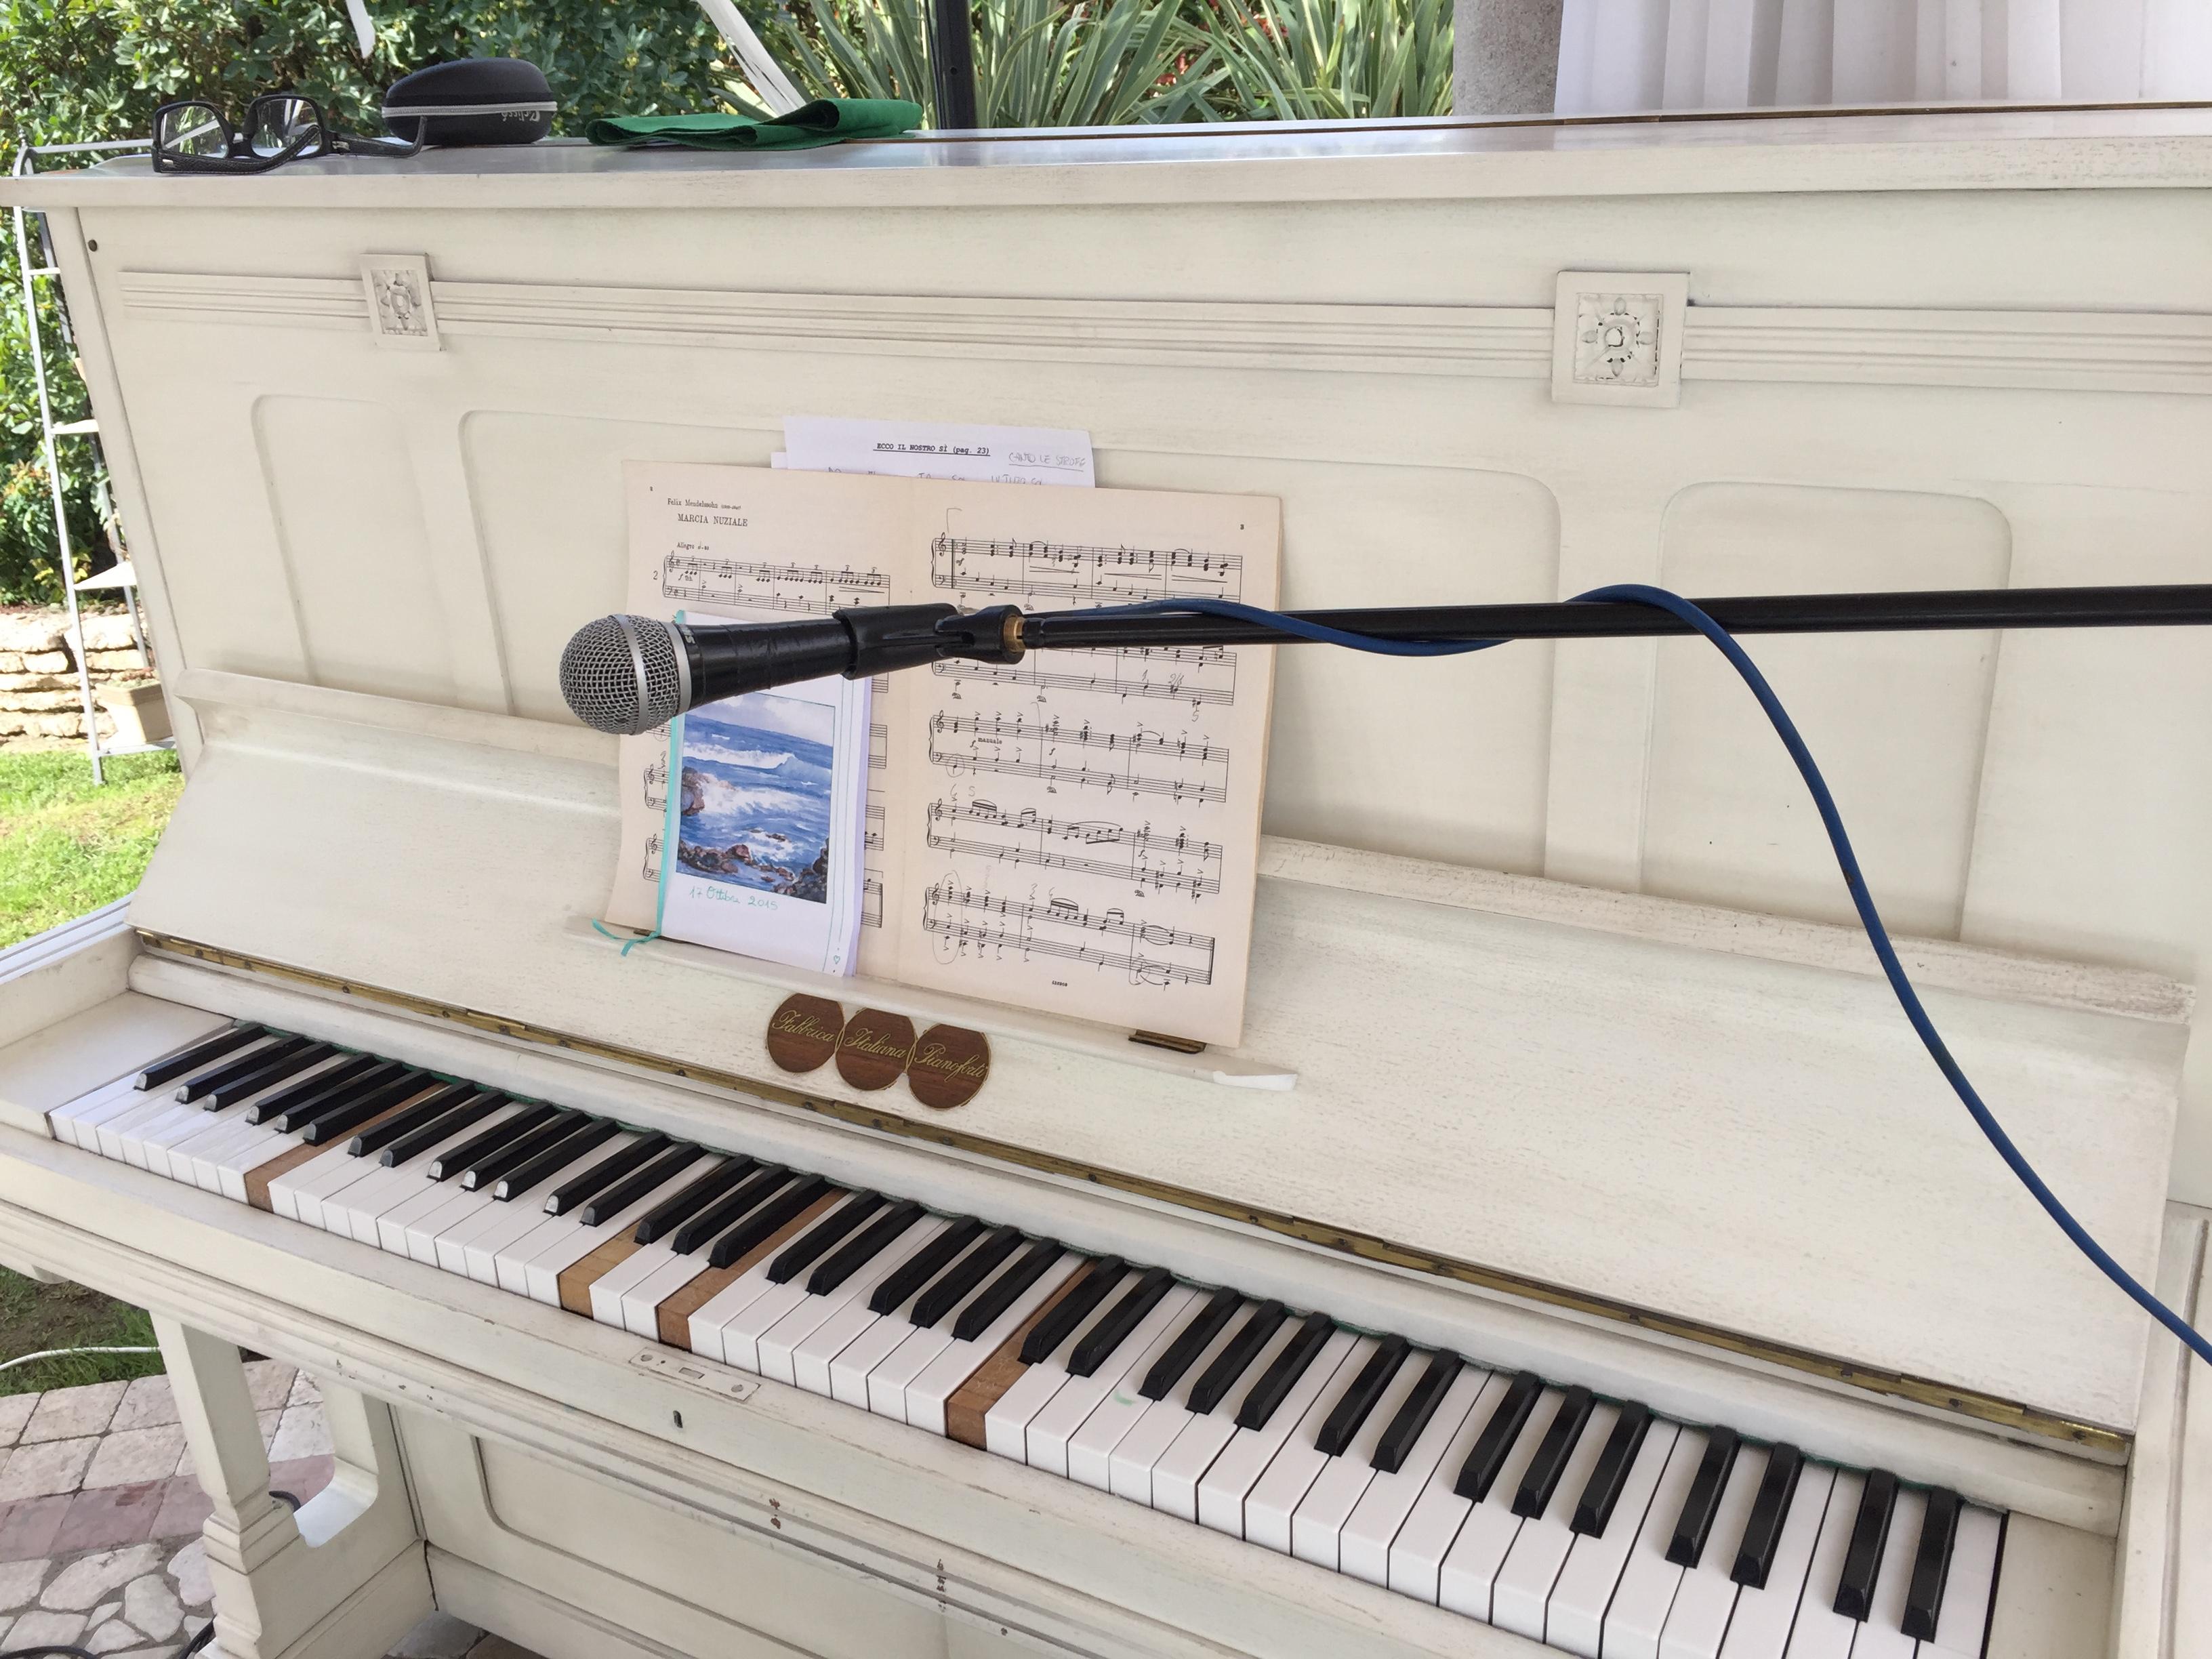 pianoforte in ristorante per matrimoni e cerimonie